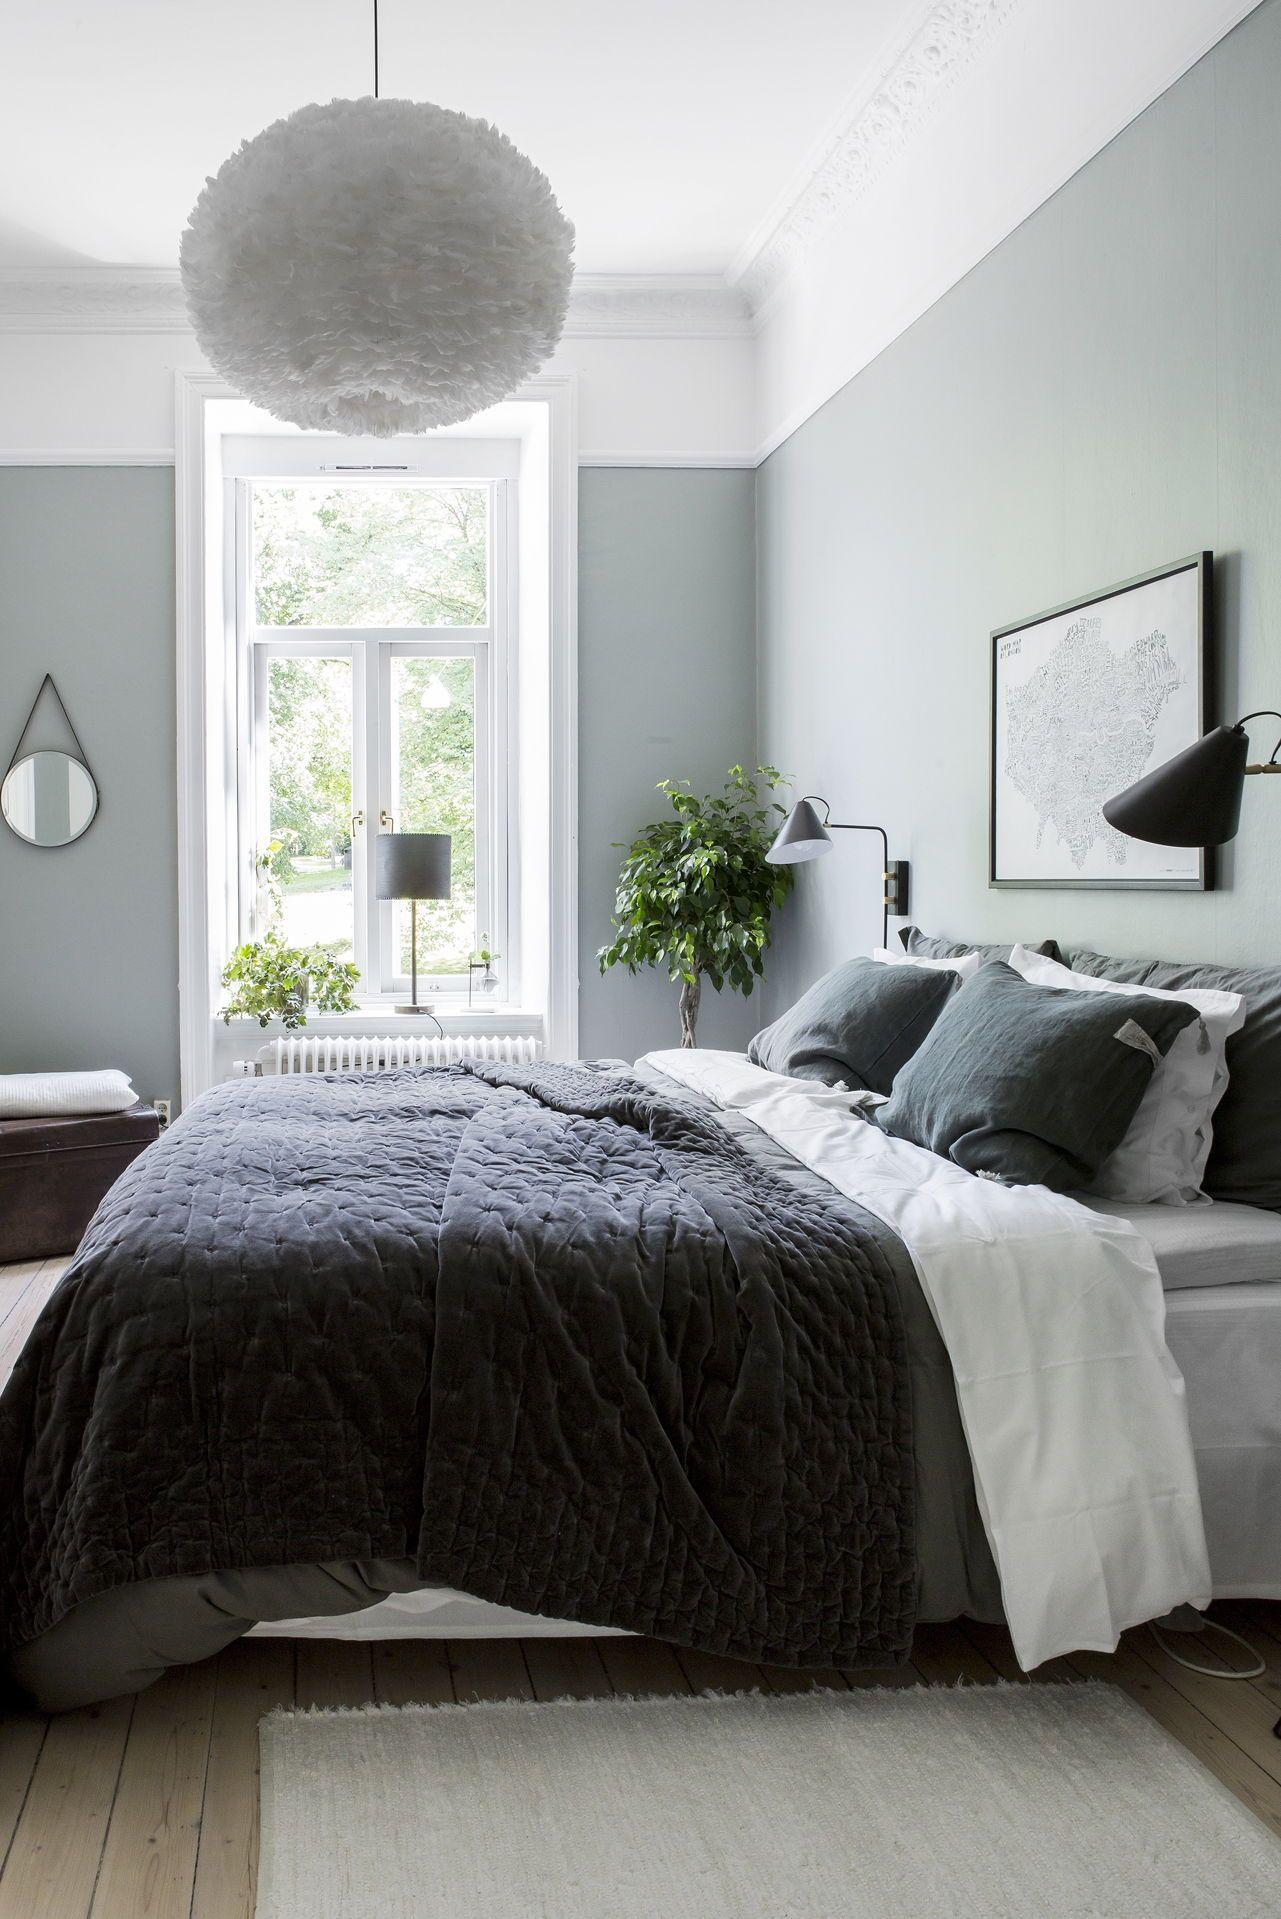 Cozy Bedroom In Green  Via Coco Lapine Design Blog